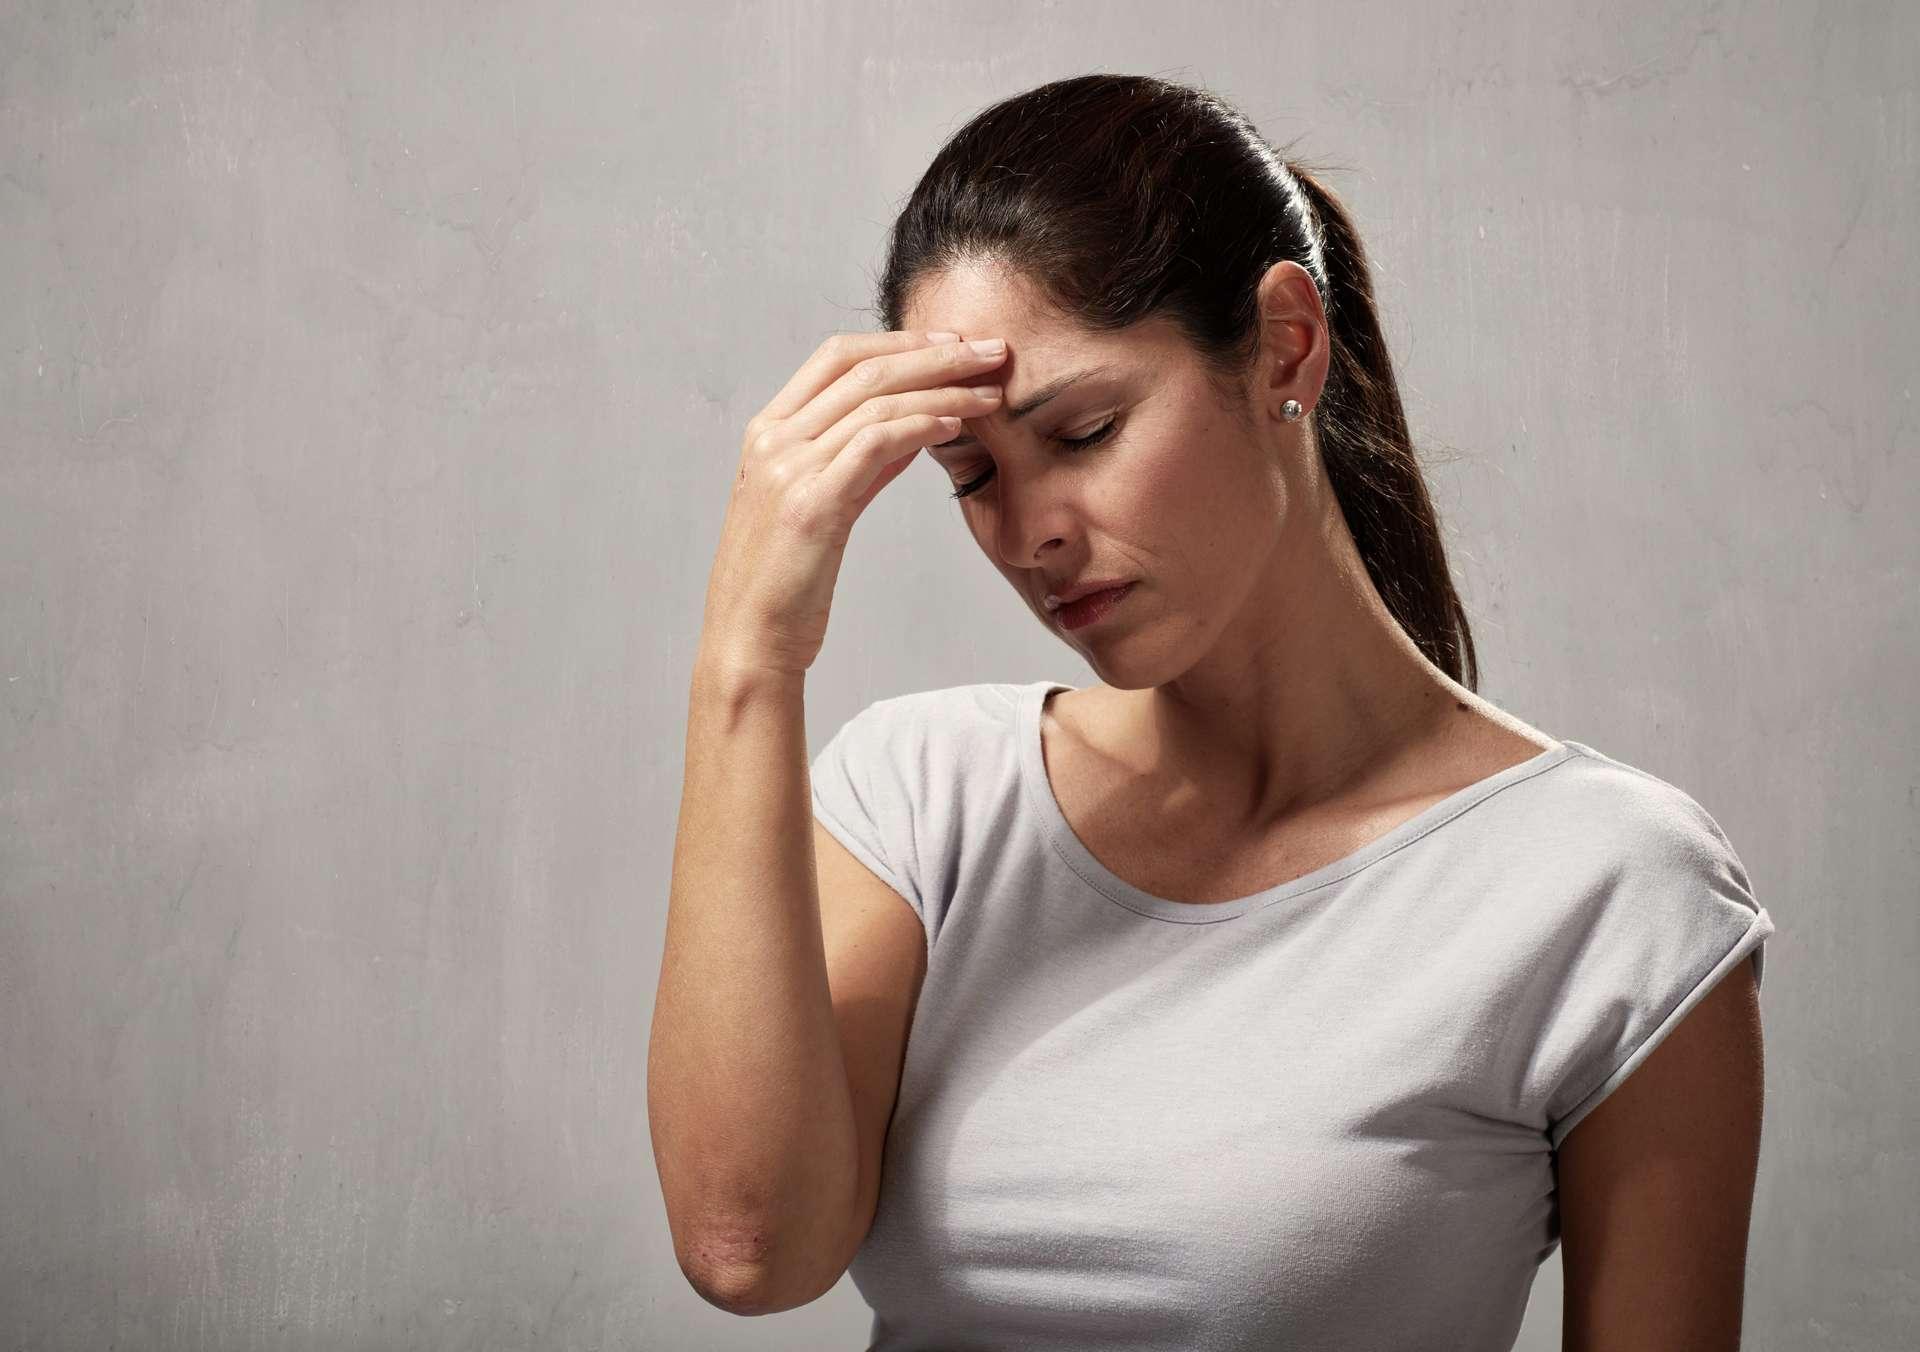 Почему у тех, кто курит или недавно бросил вредную привычку, кружится голова? советы по решению проблемы